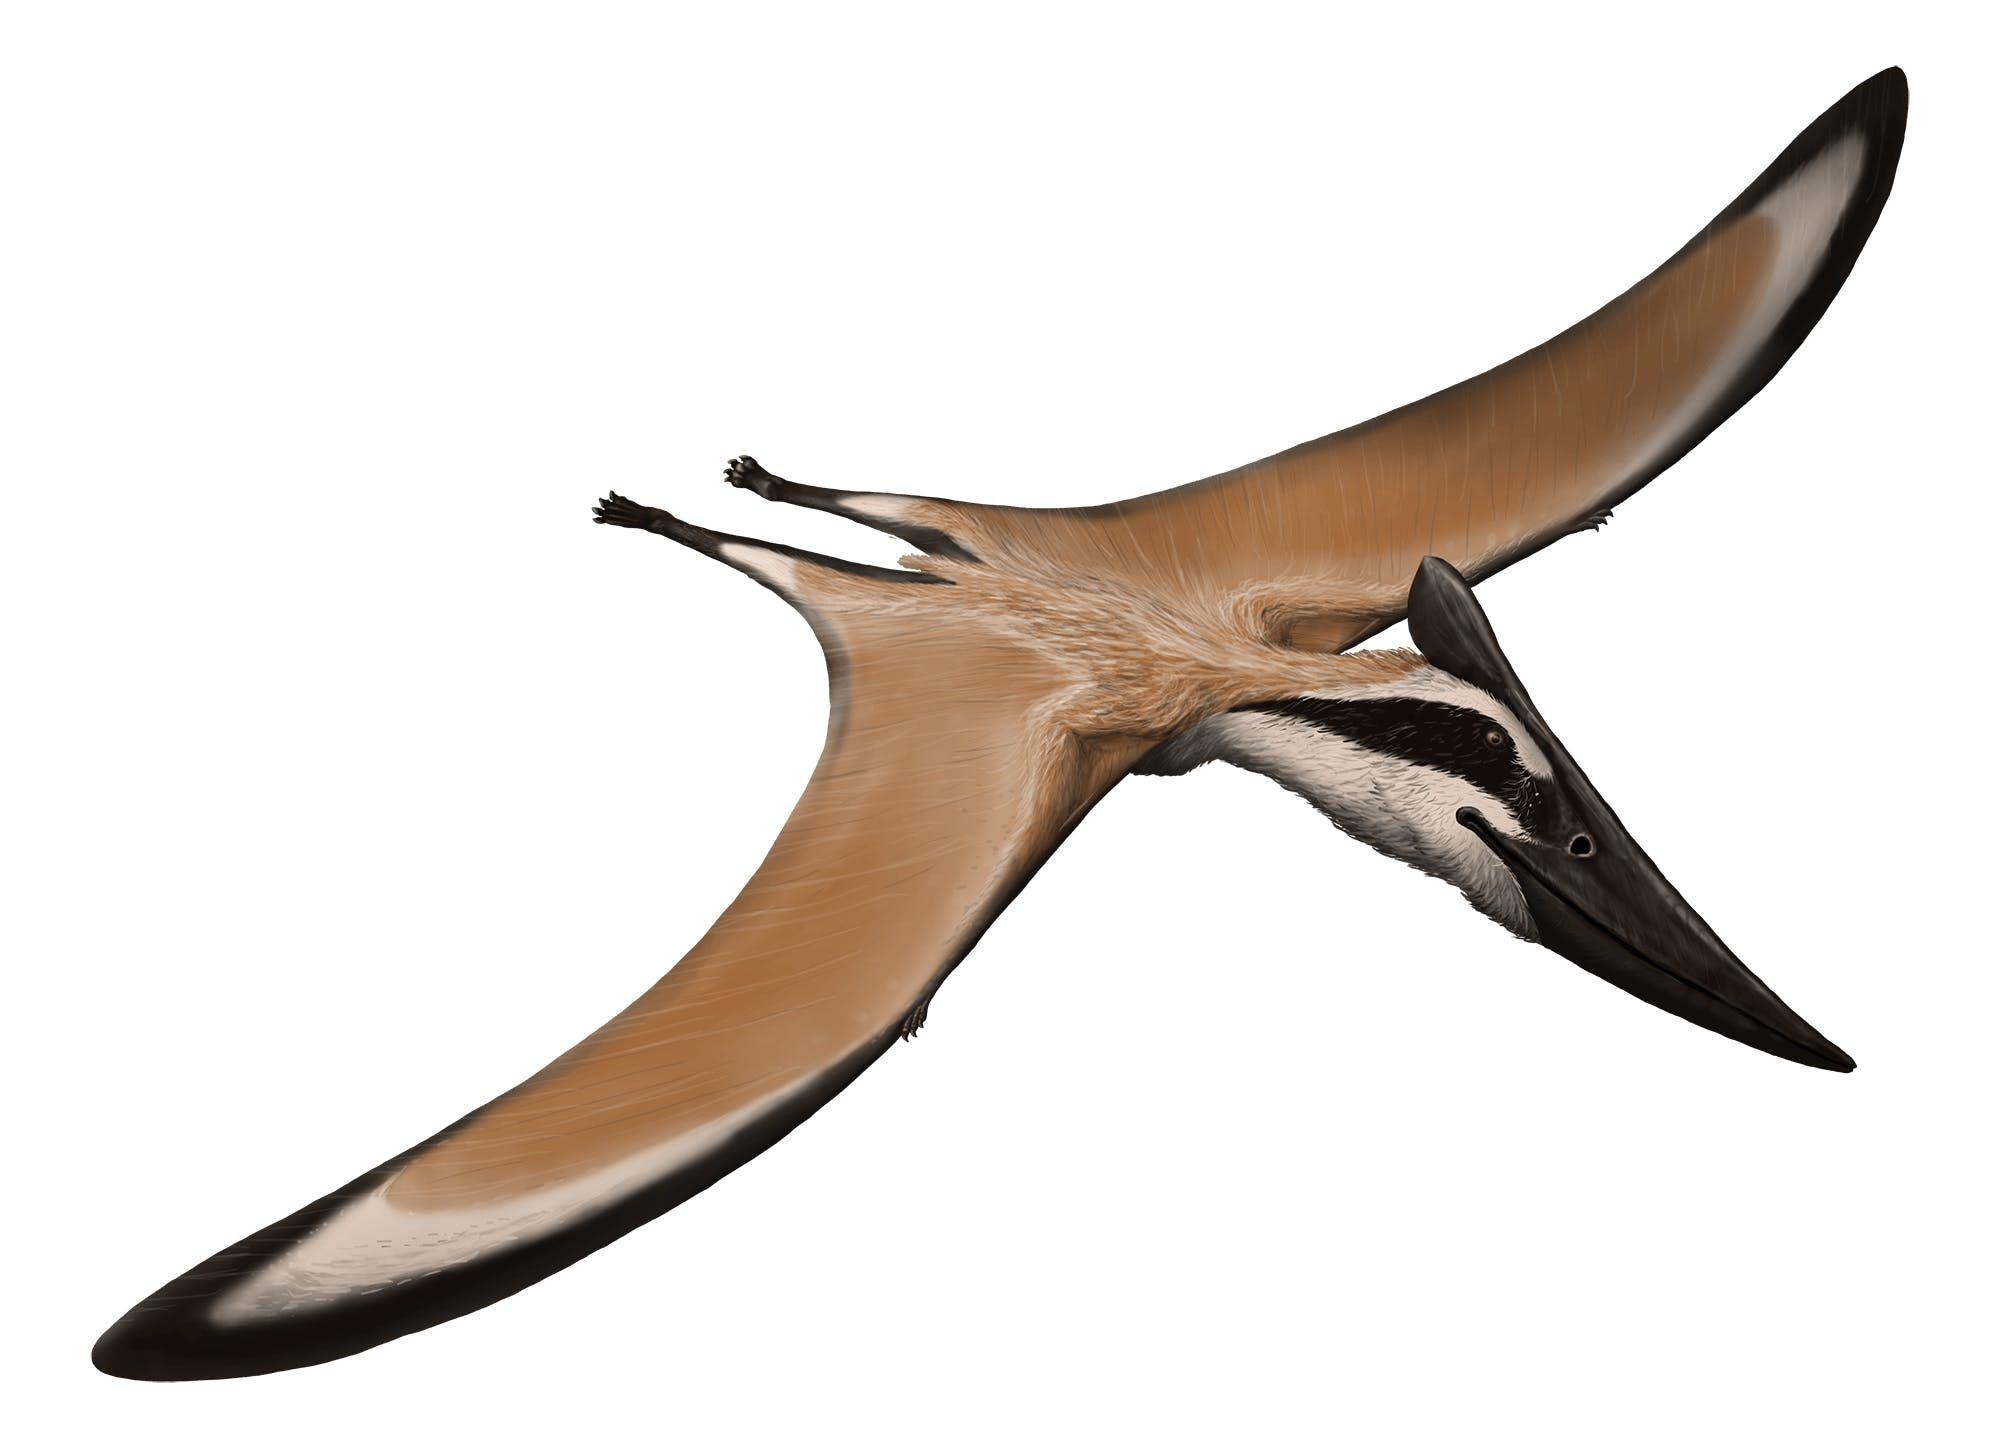 Alamodactylus